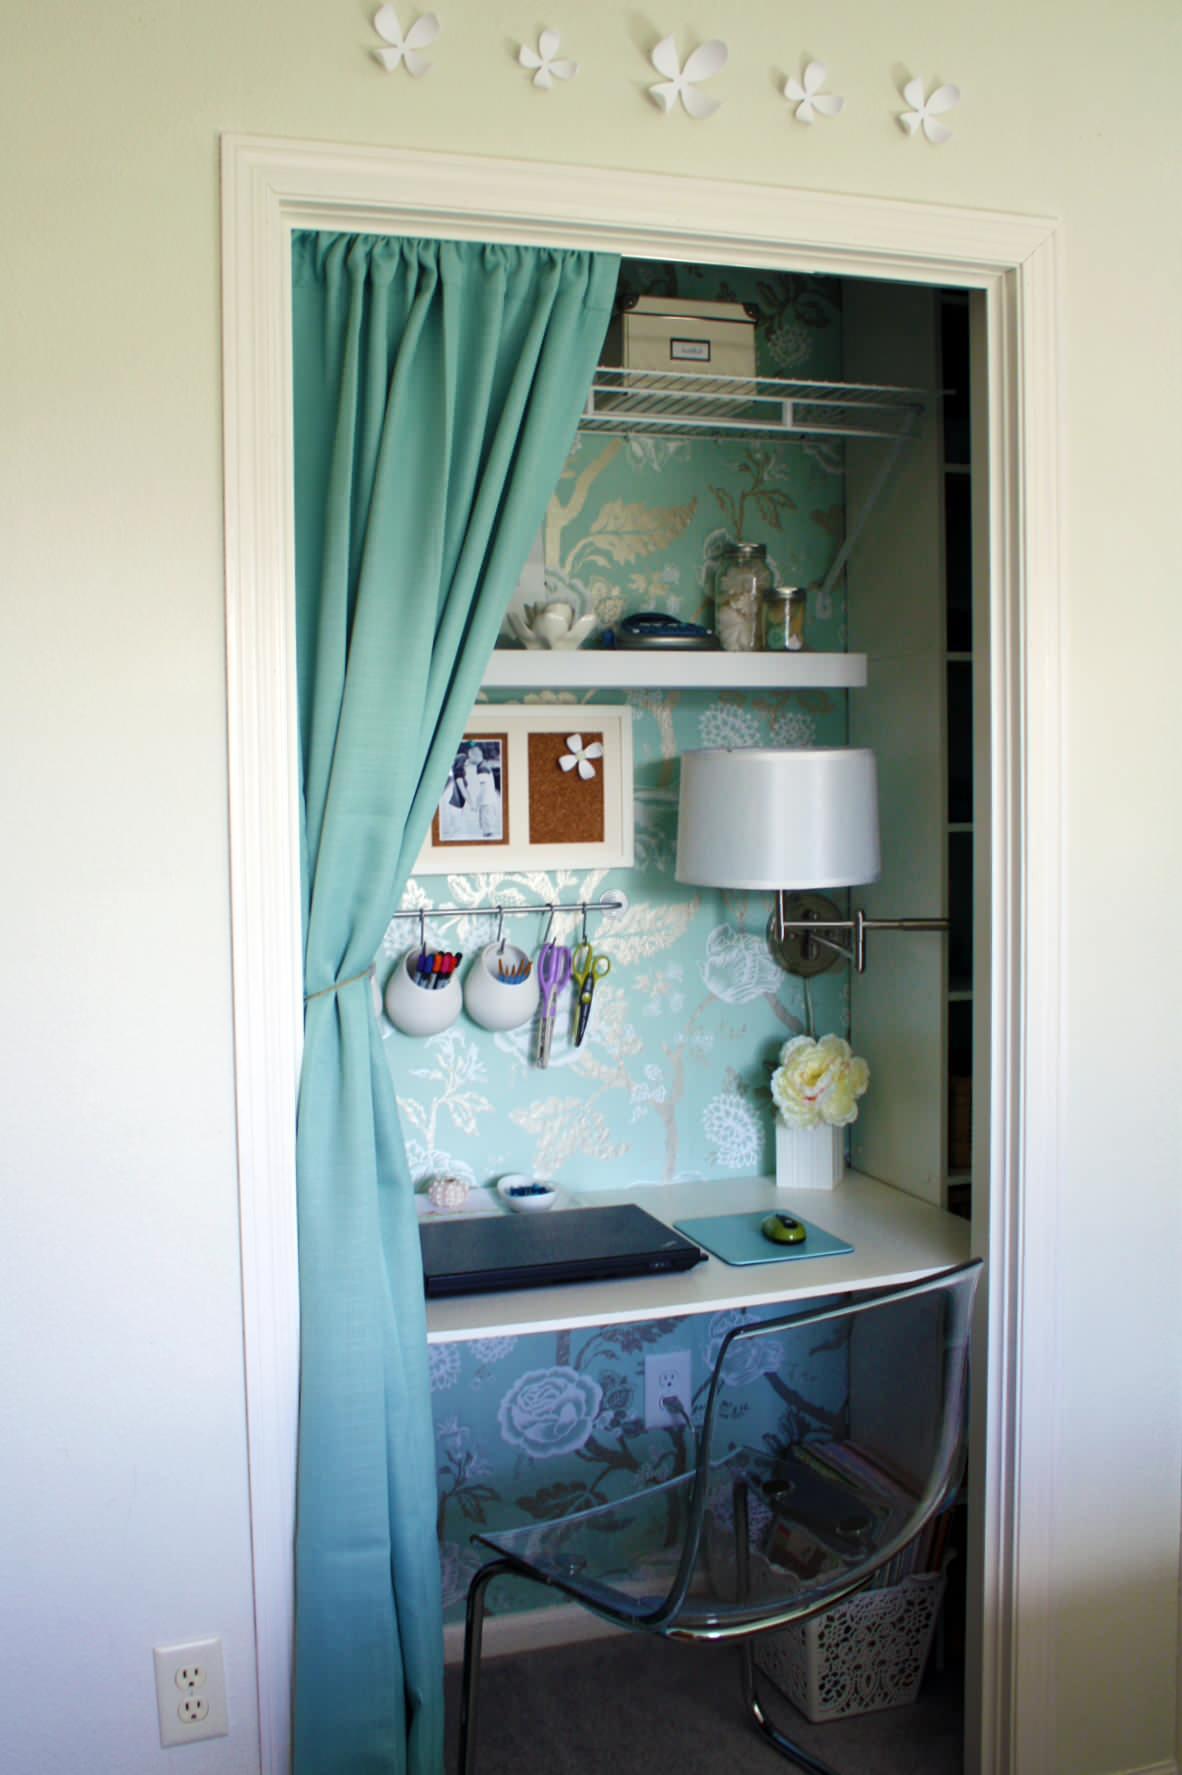 Уютное рабочее место в квартире: трудимся с удовольствием! и.